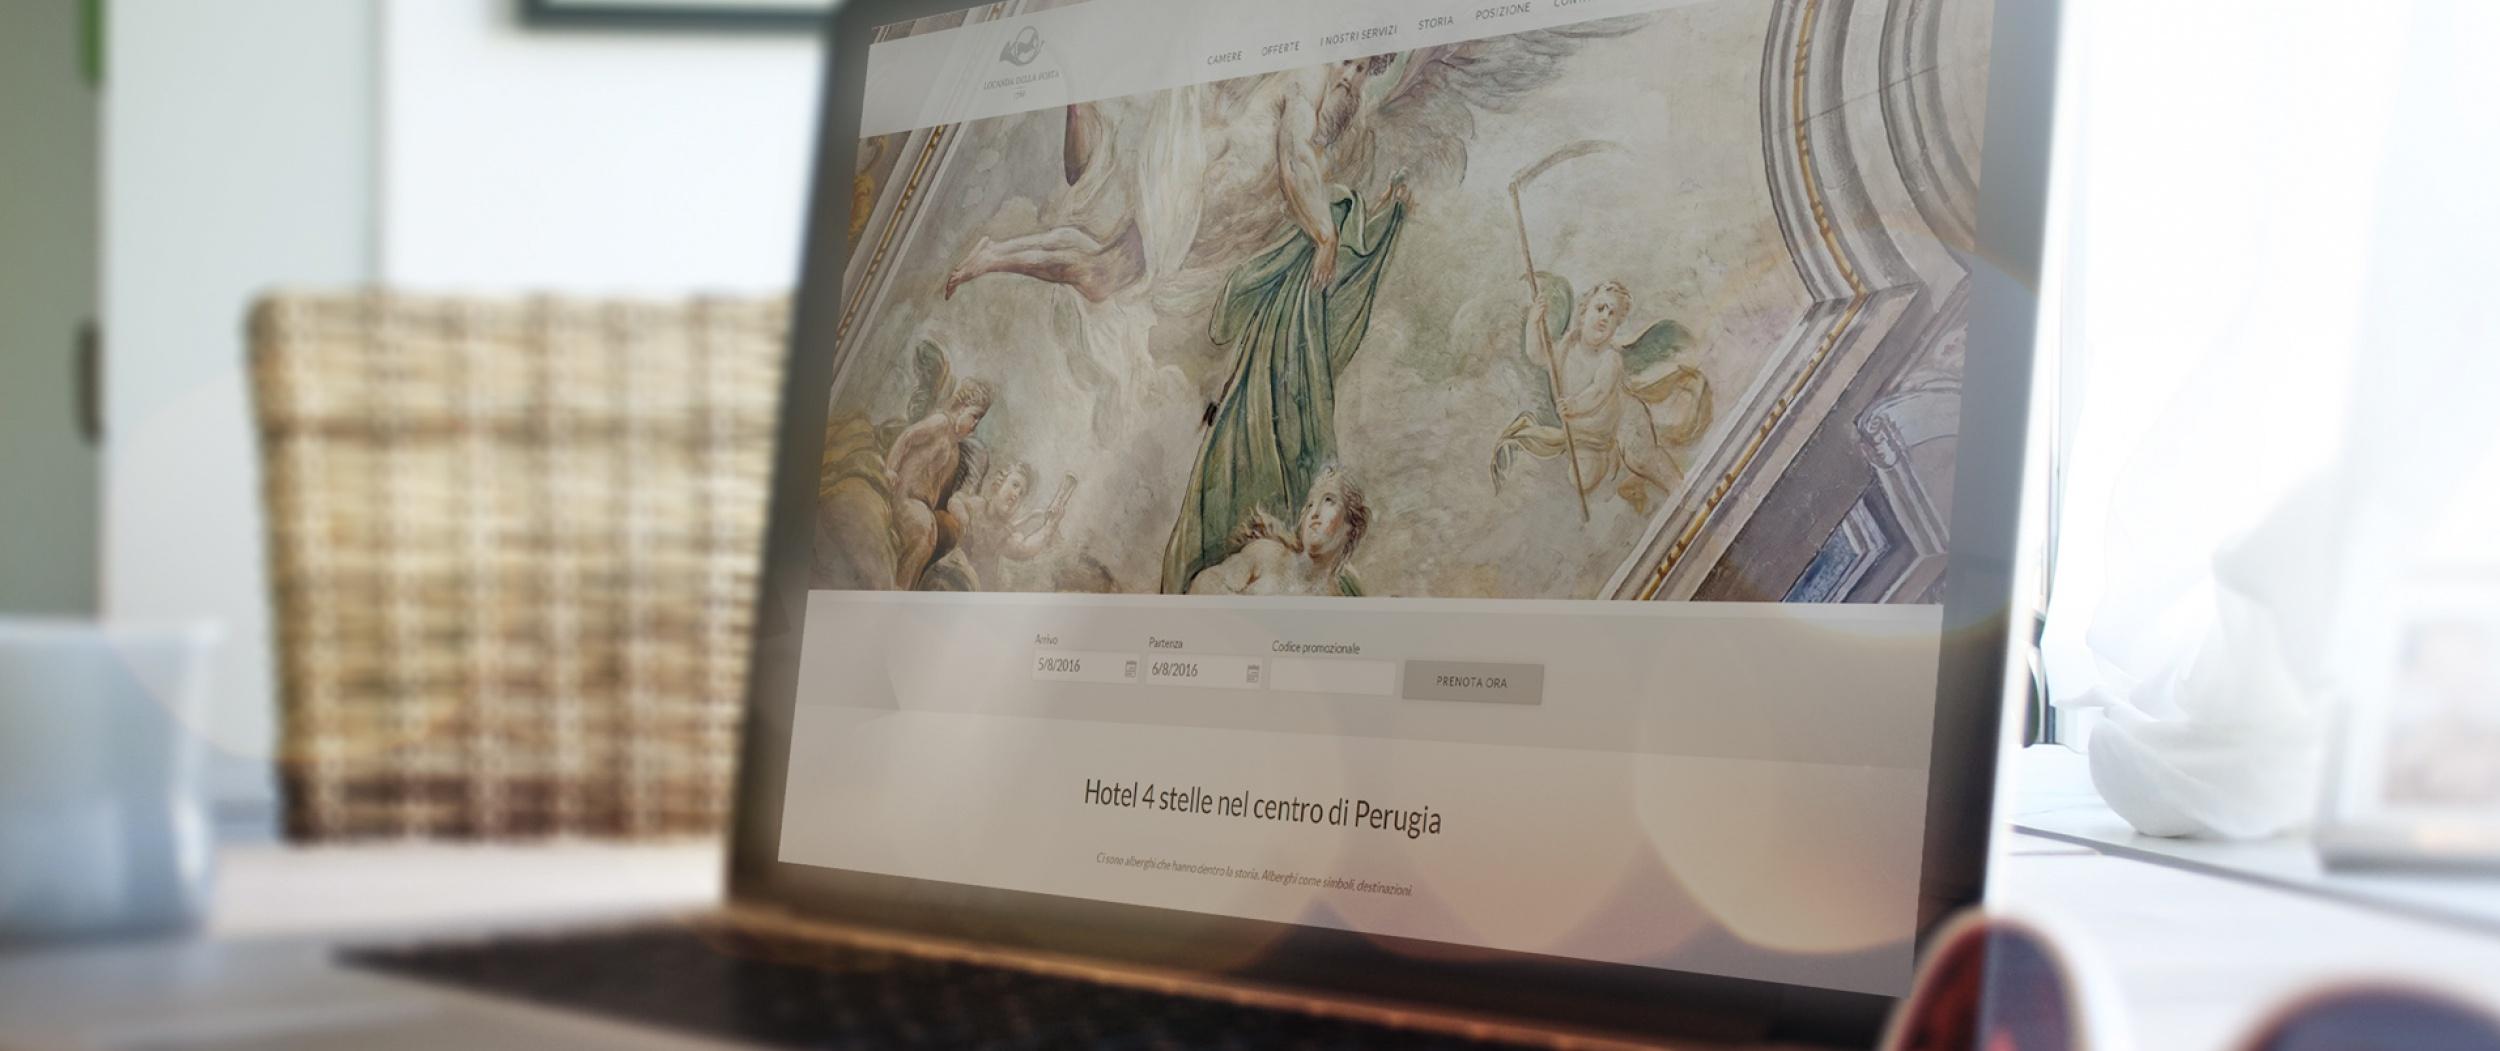 Perugia Siti web per Hotel | Sesinet